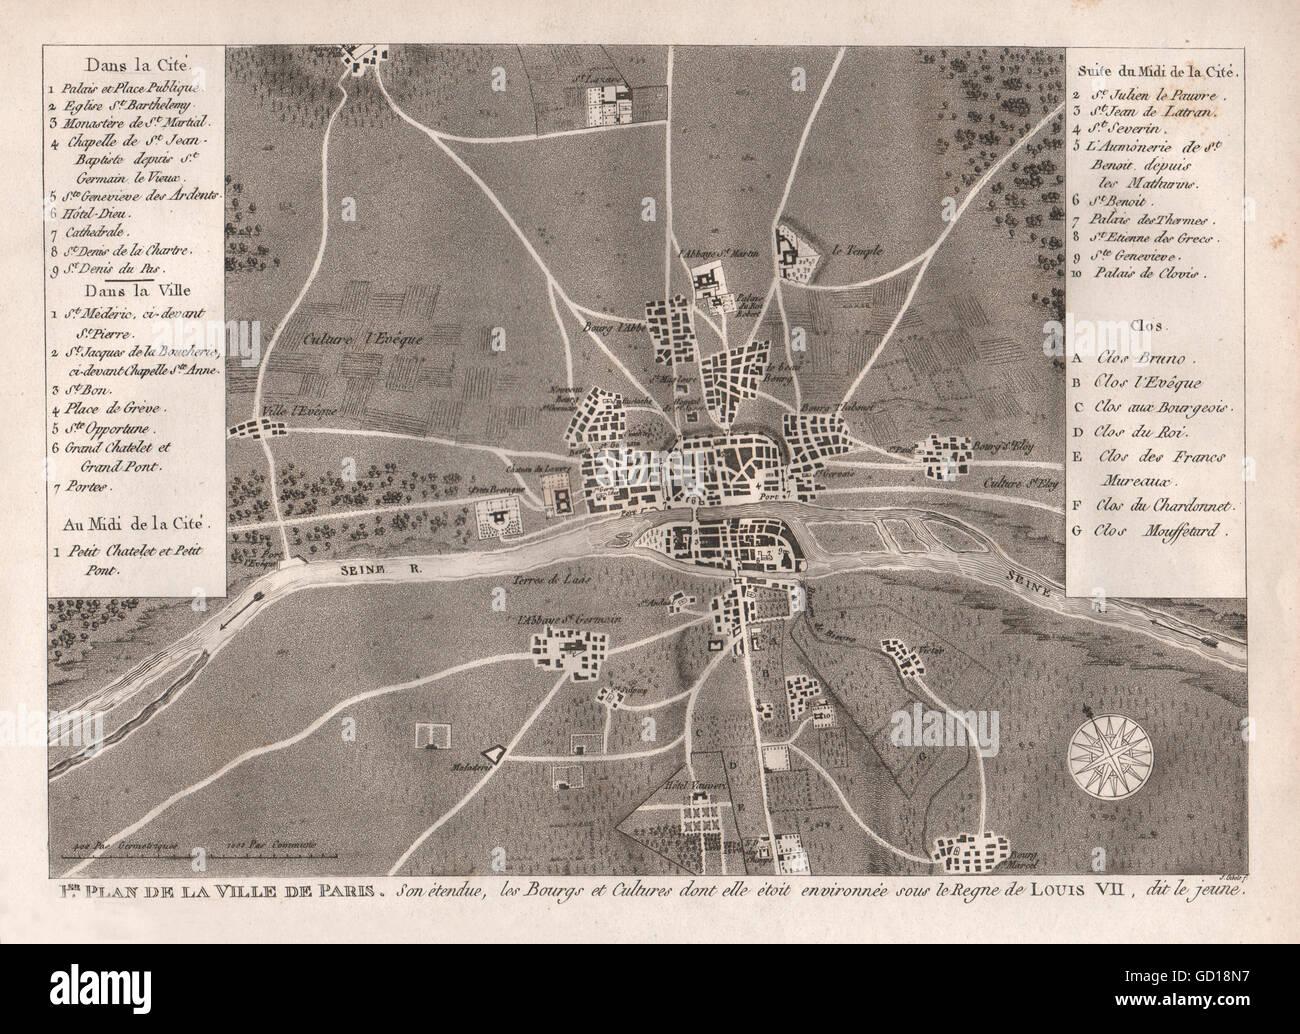 Ville de paris c1180: sous le regne de louis vii. stadtplan